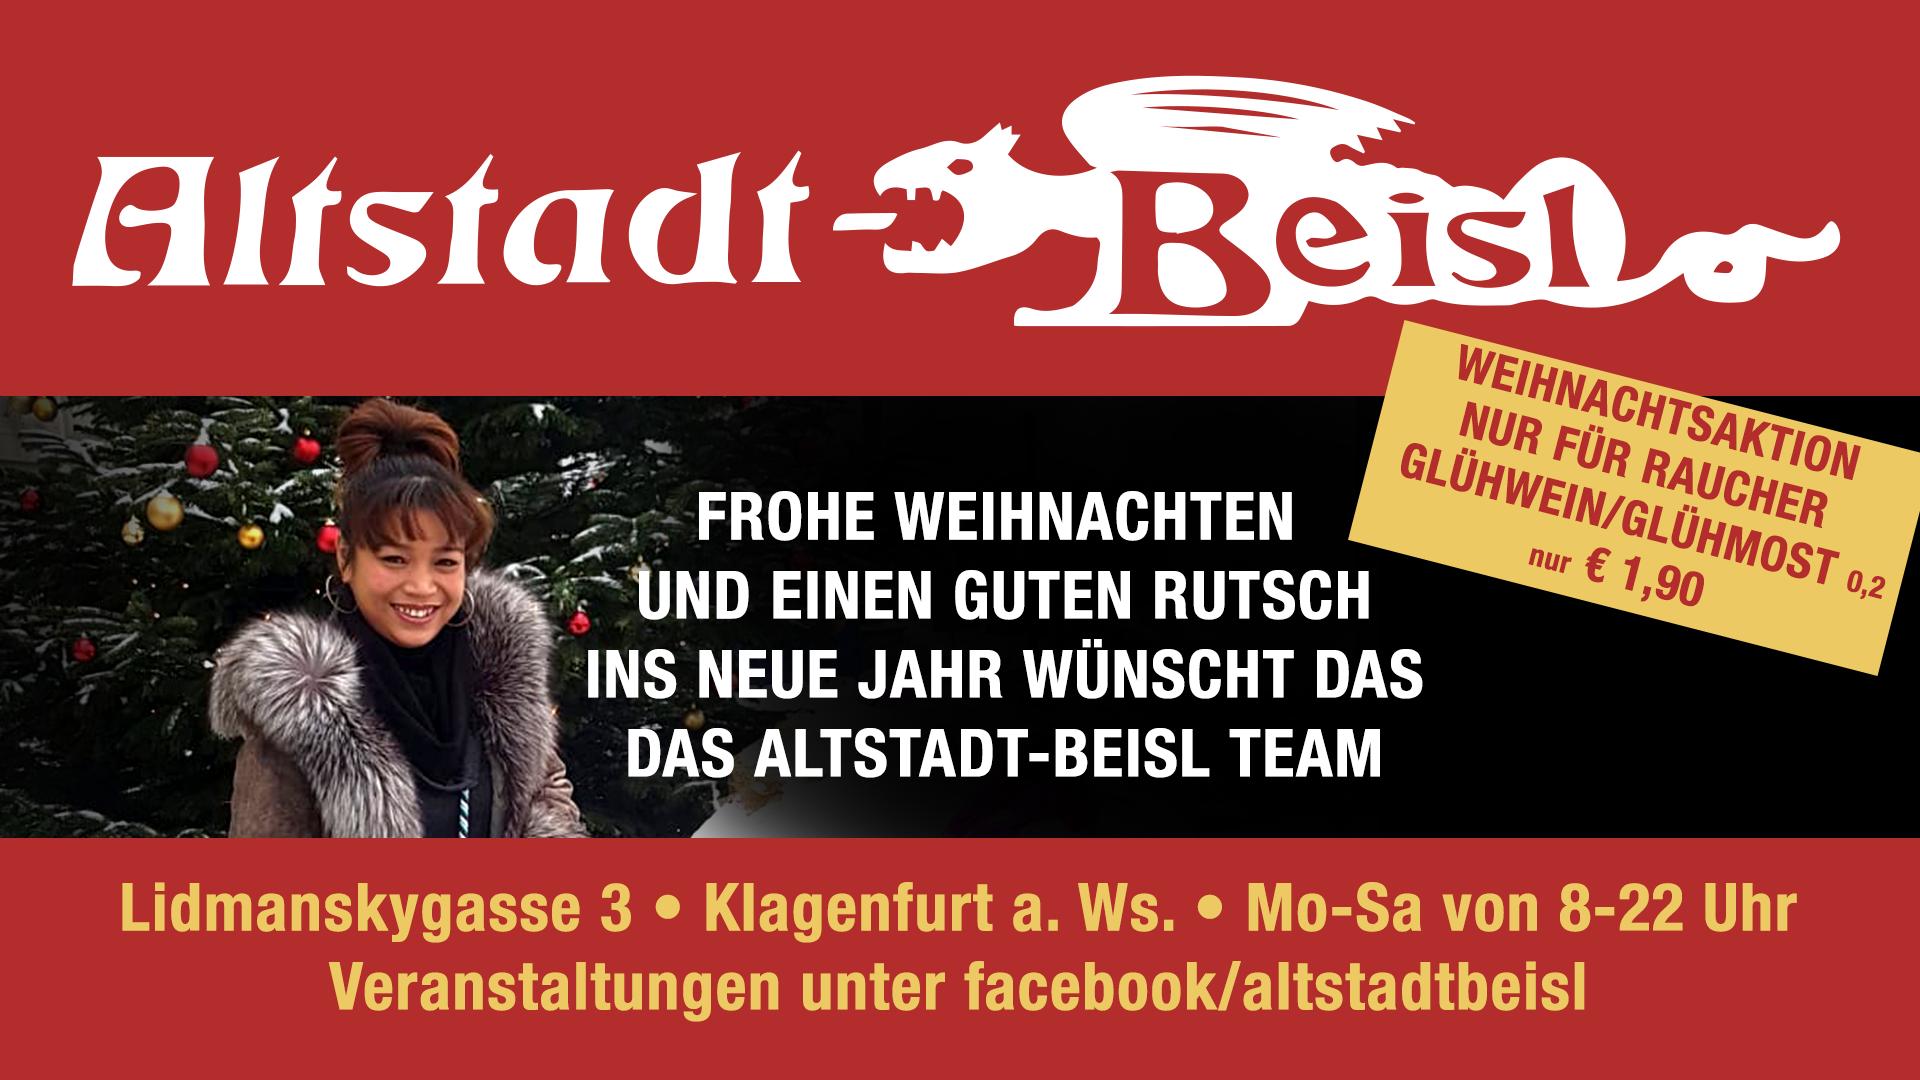 Altstadt-Beisl Klagenfurt